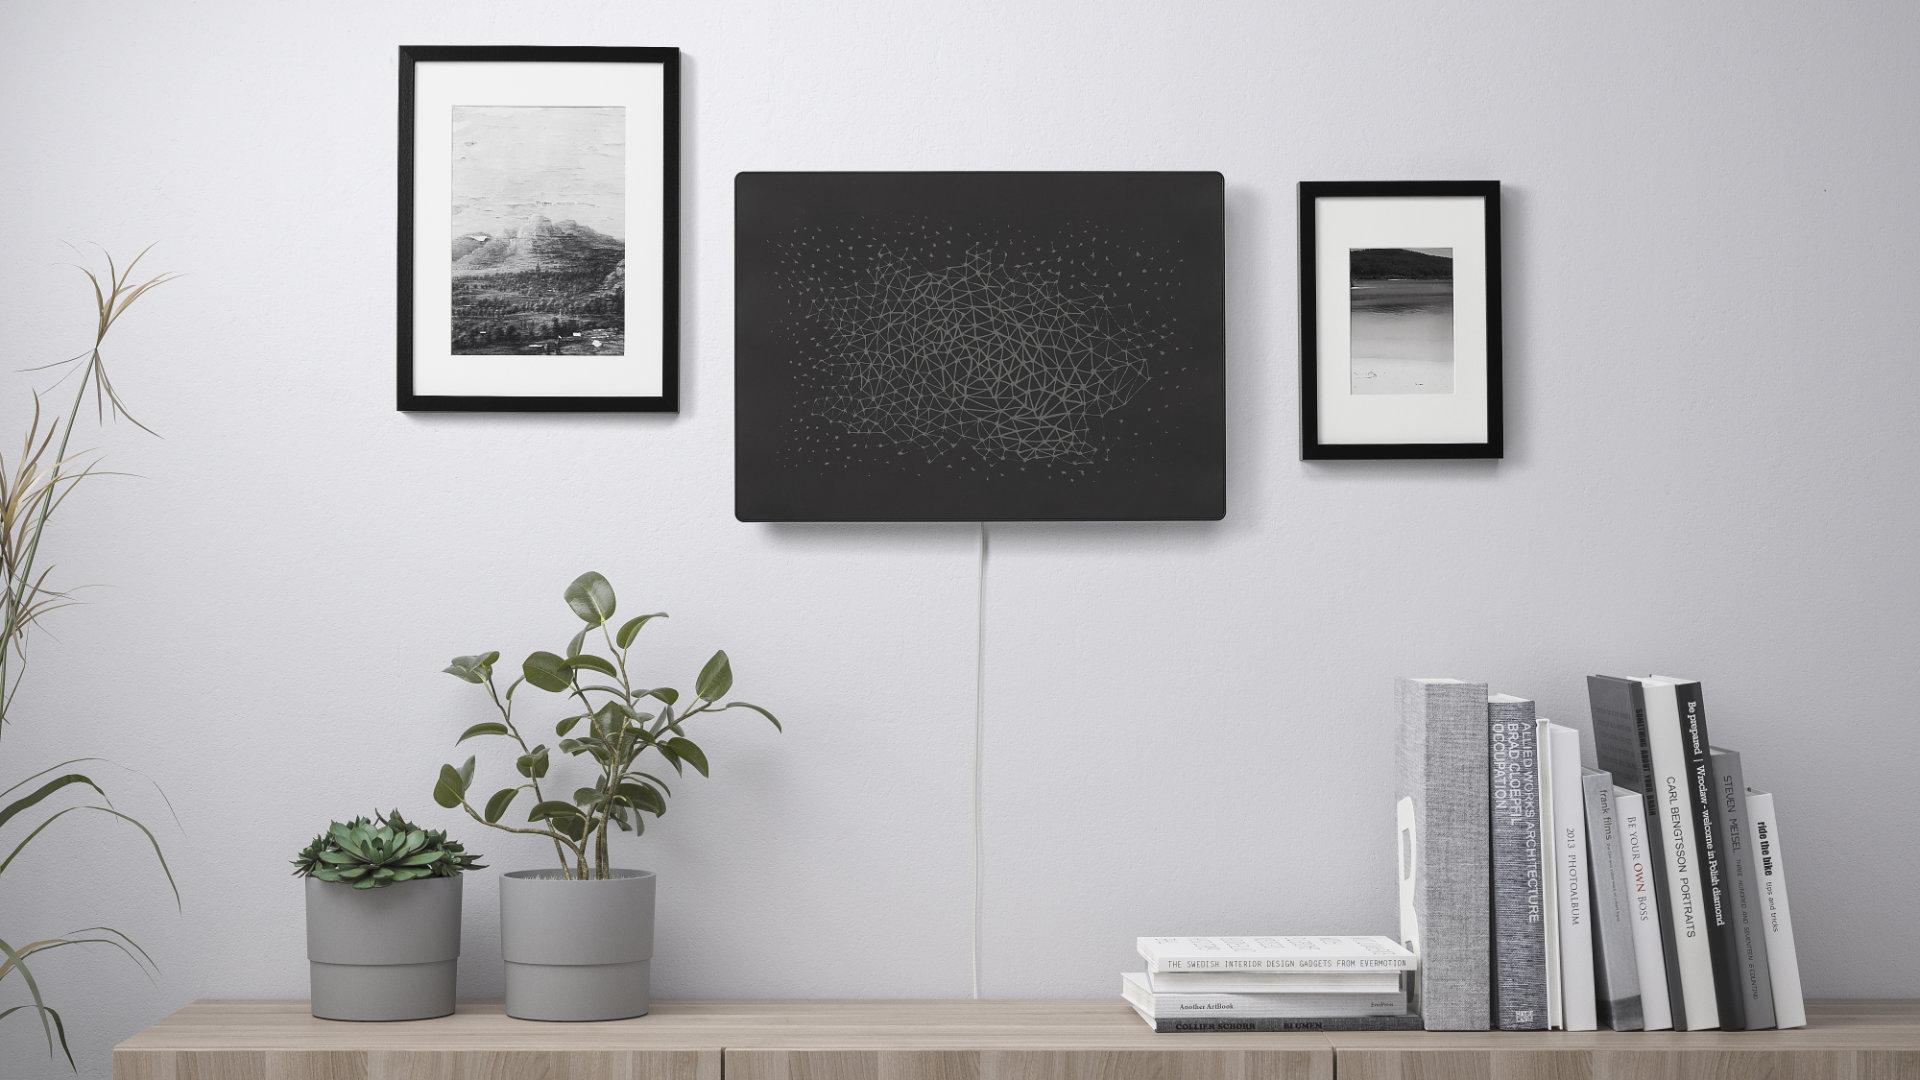 Ikea dévoile un tableau-enceinte connecté (avec un câble d'alimentation très voyant)